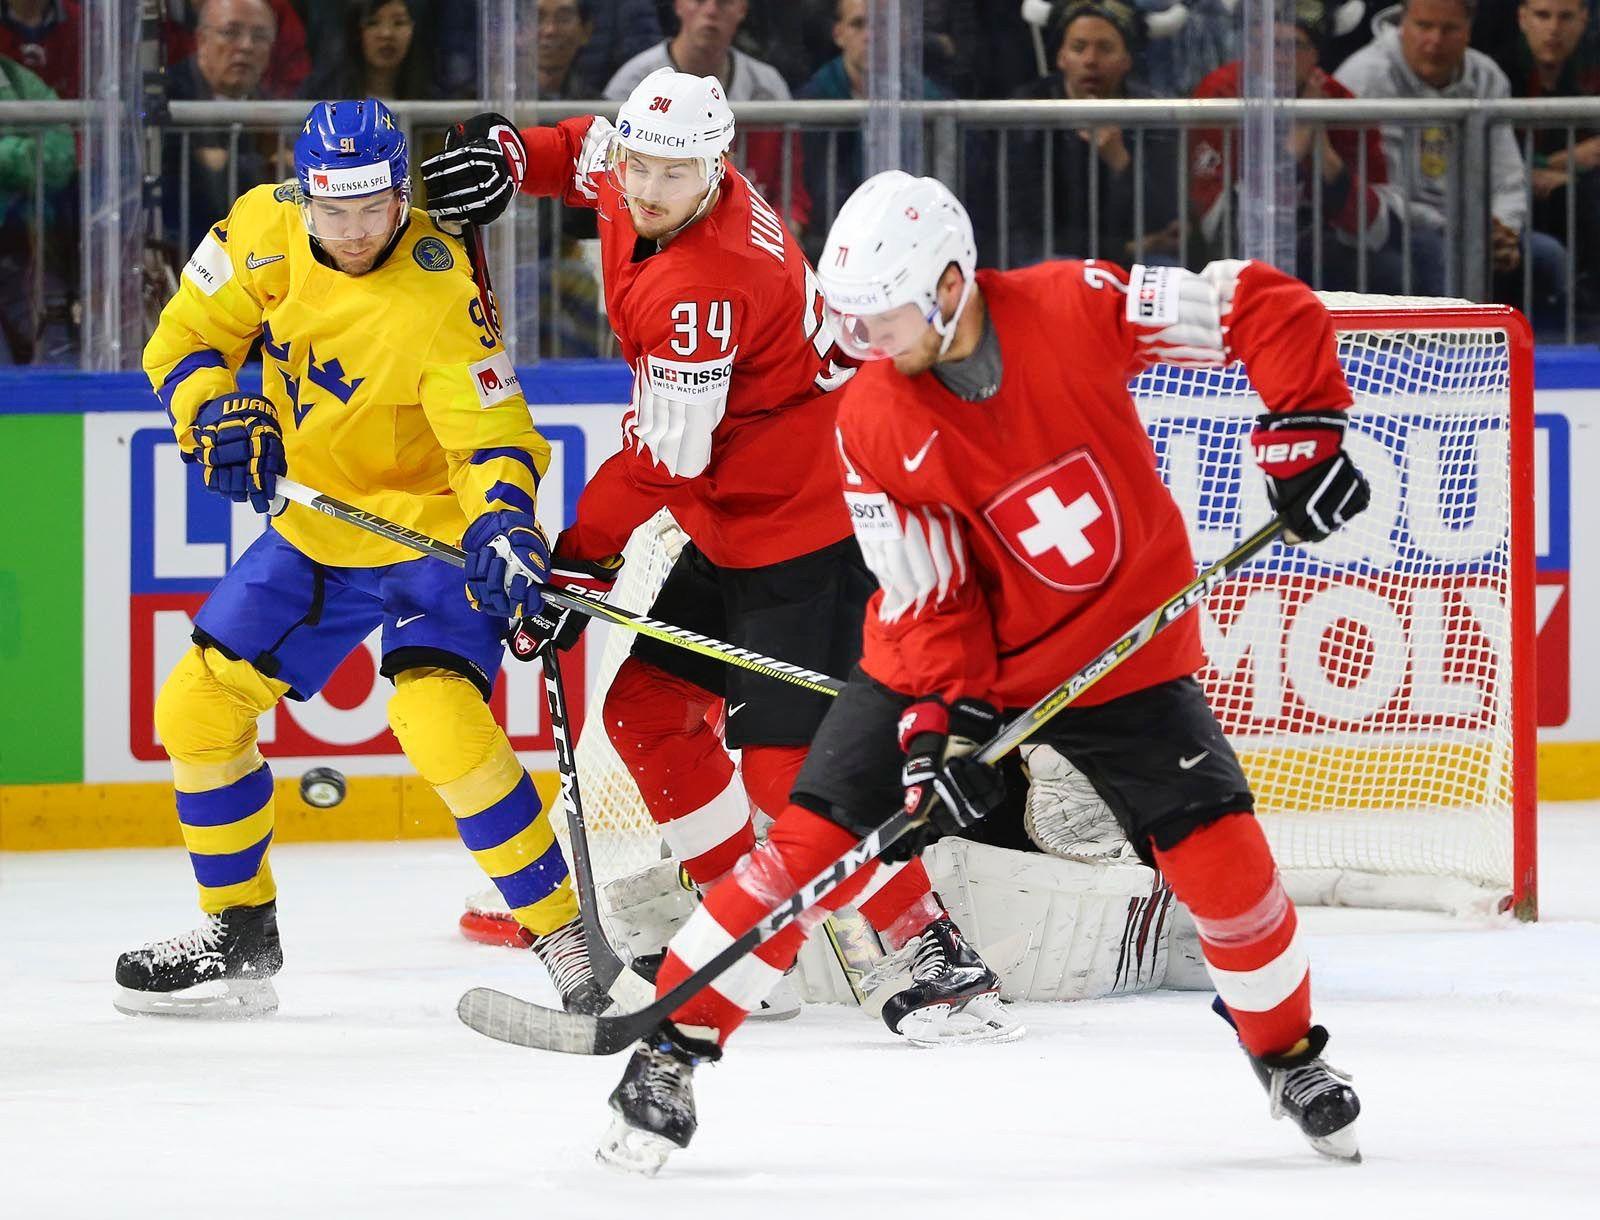 Сборная Швеции похоккею 2-ой год подряд становится чемпионом мира